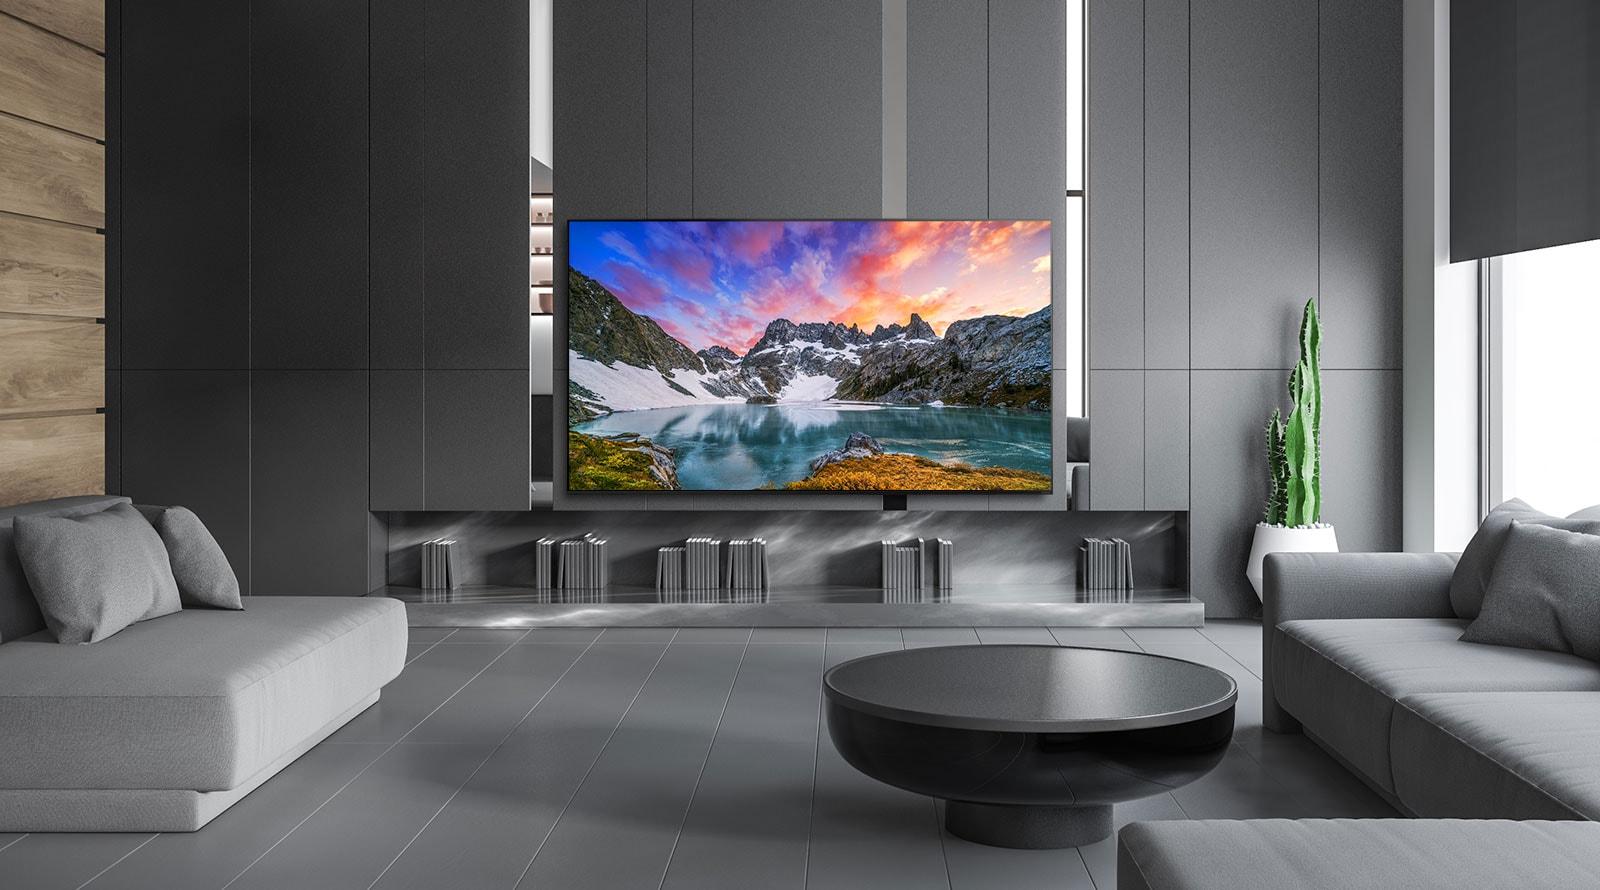 TV se snímkem přírody vúrovni očí vluxusním domě